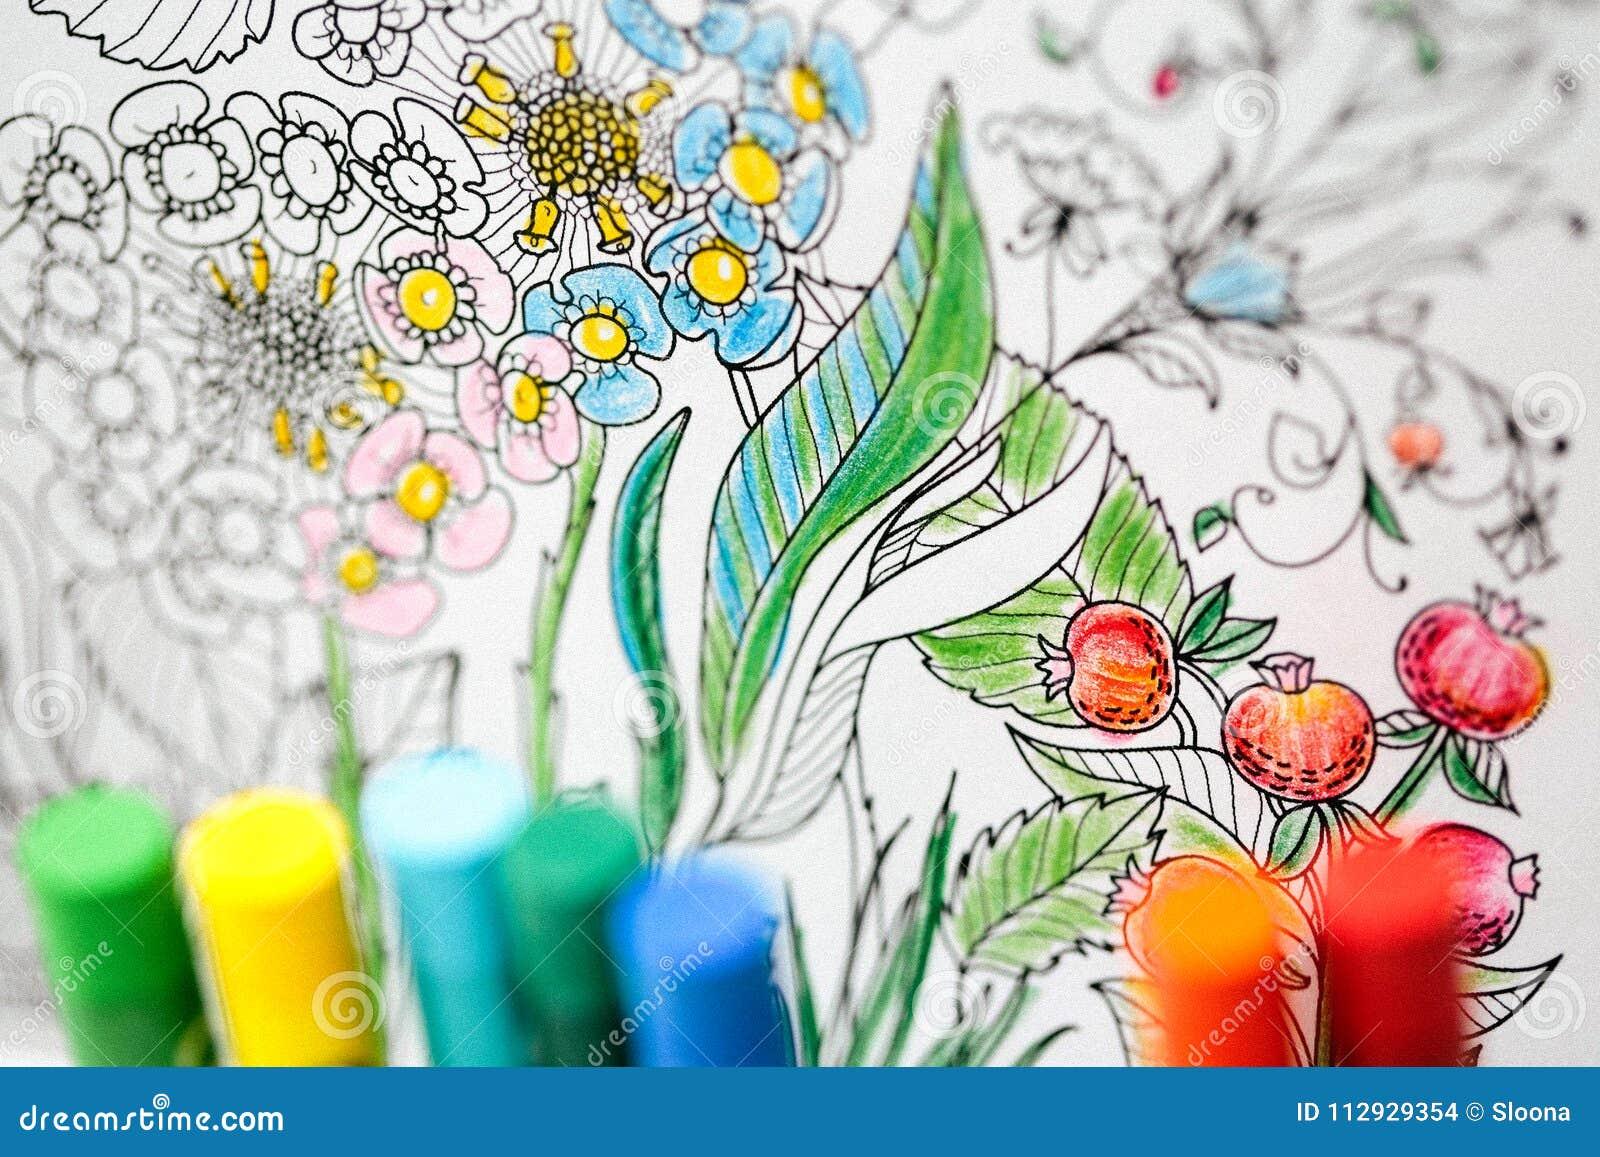 Coloriage Adulte Therapie.Therapie D Art Et De Couleur Anti Livre De Coloriage D Adulte D